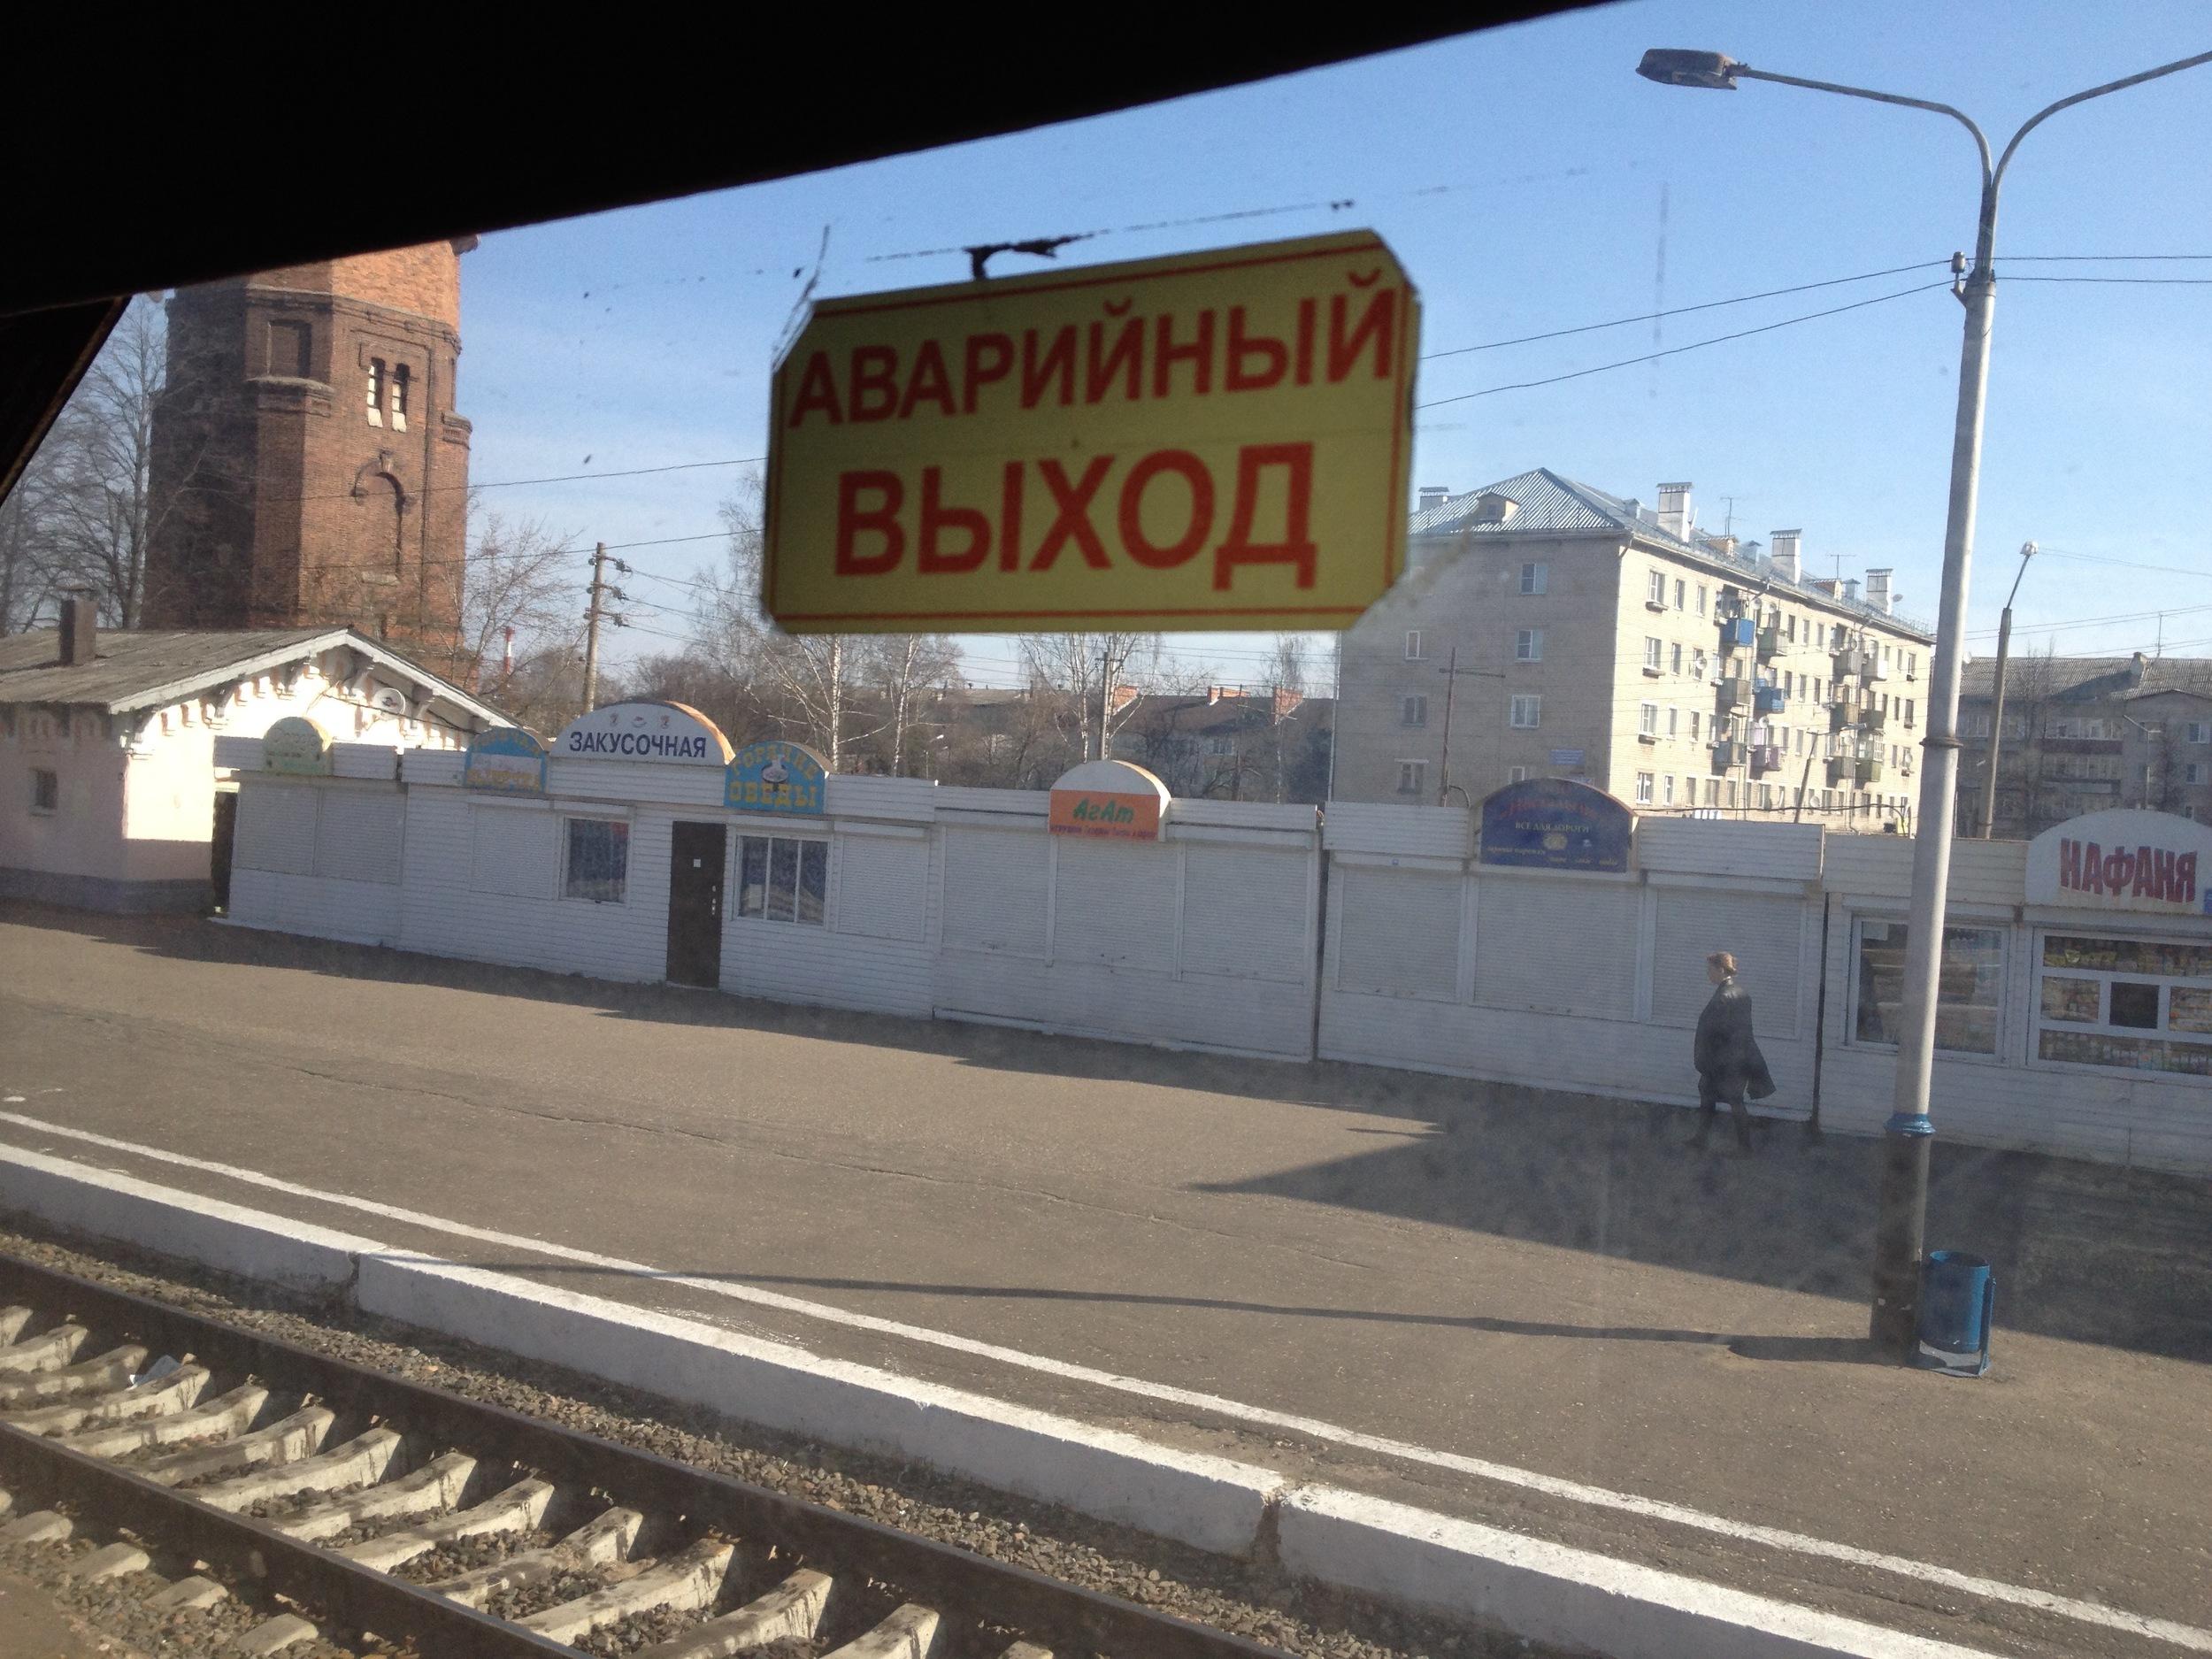 Une fenêtre du train, indiquée comme étant une sortie de secours